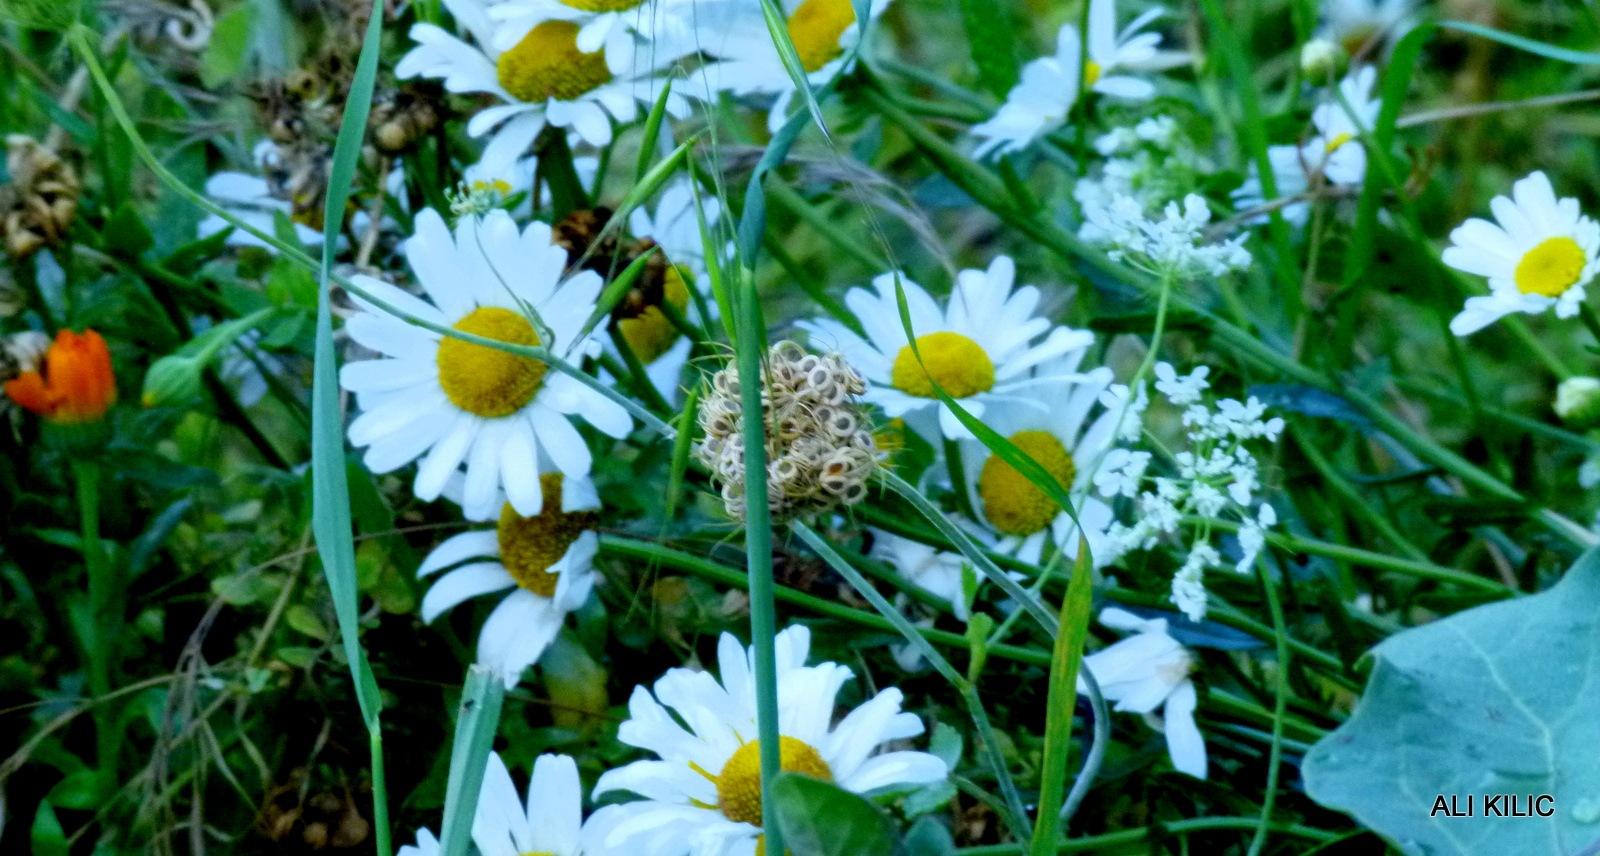 Wildflowers by Ali KILIÇ